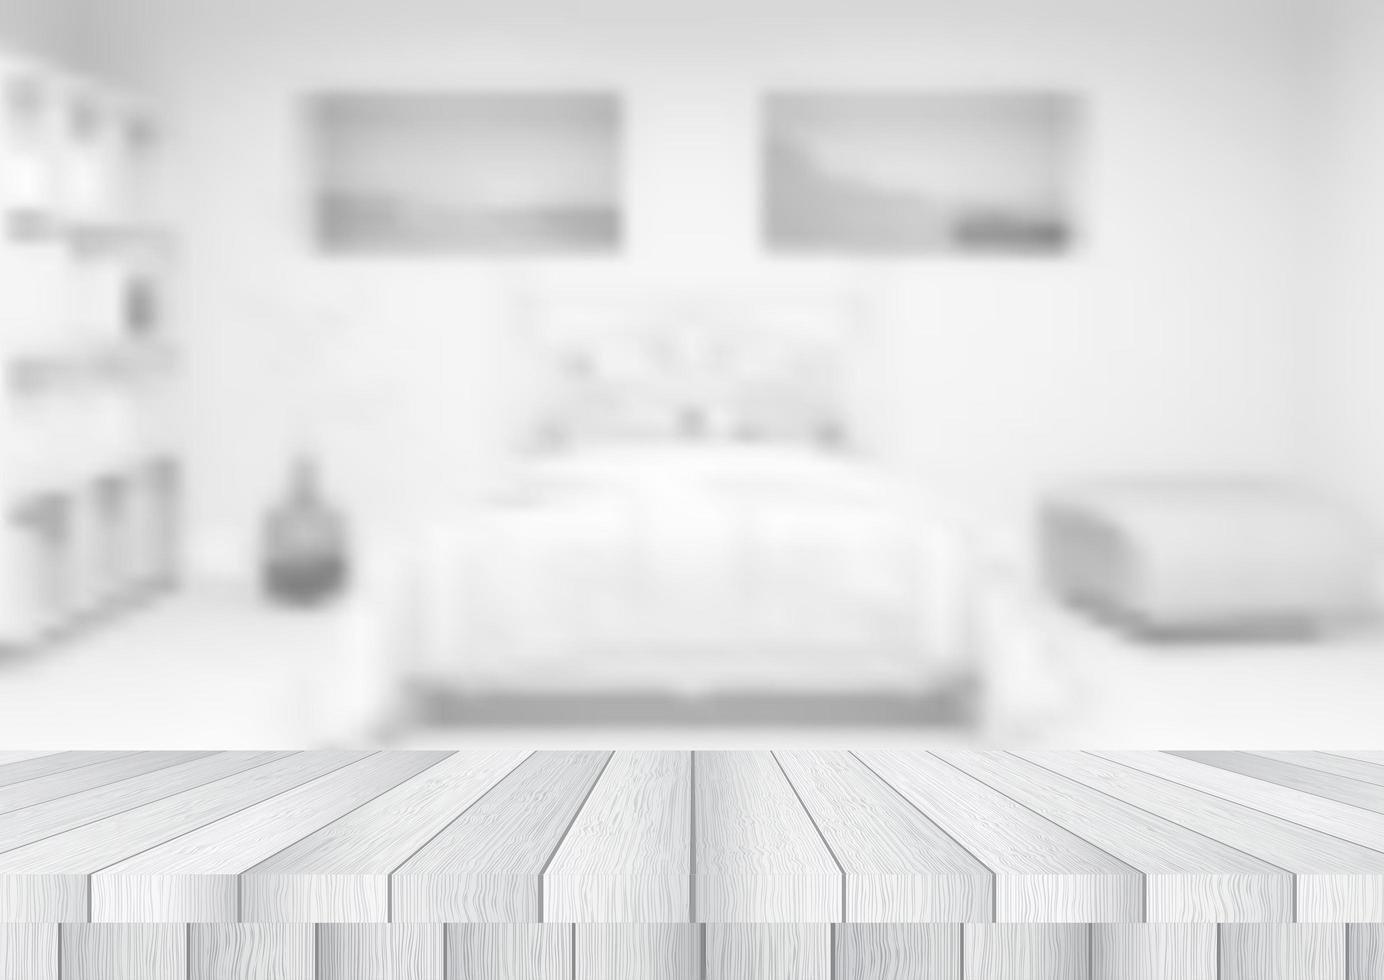 mesa de madeira com vista para um quarto de foco vetor